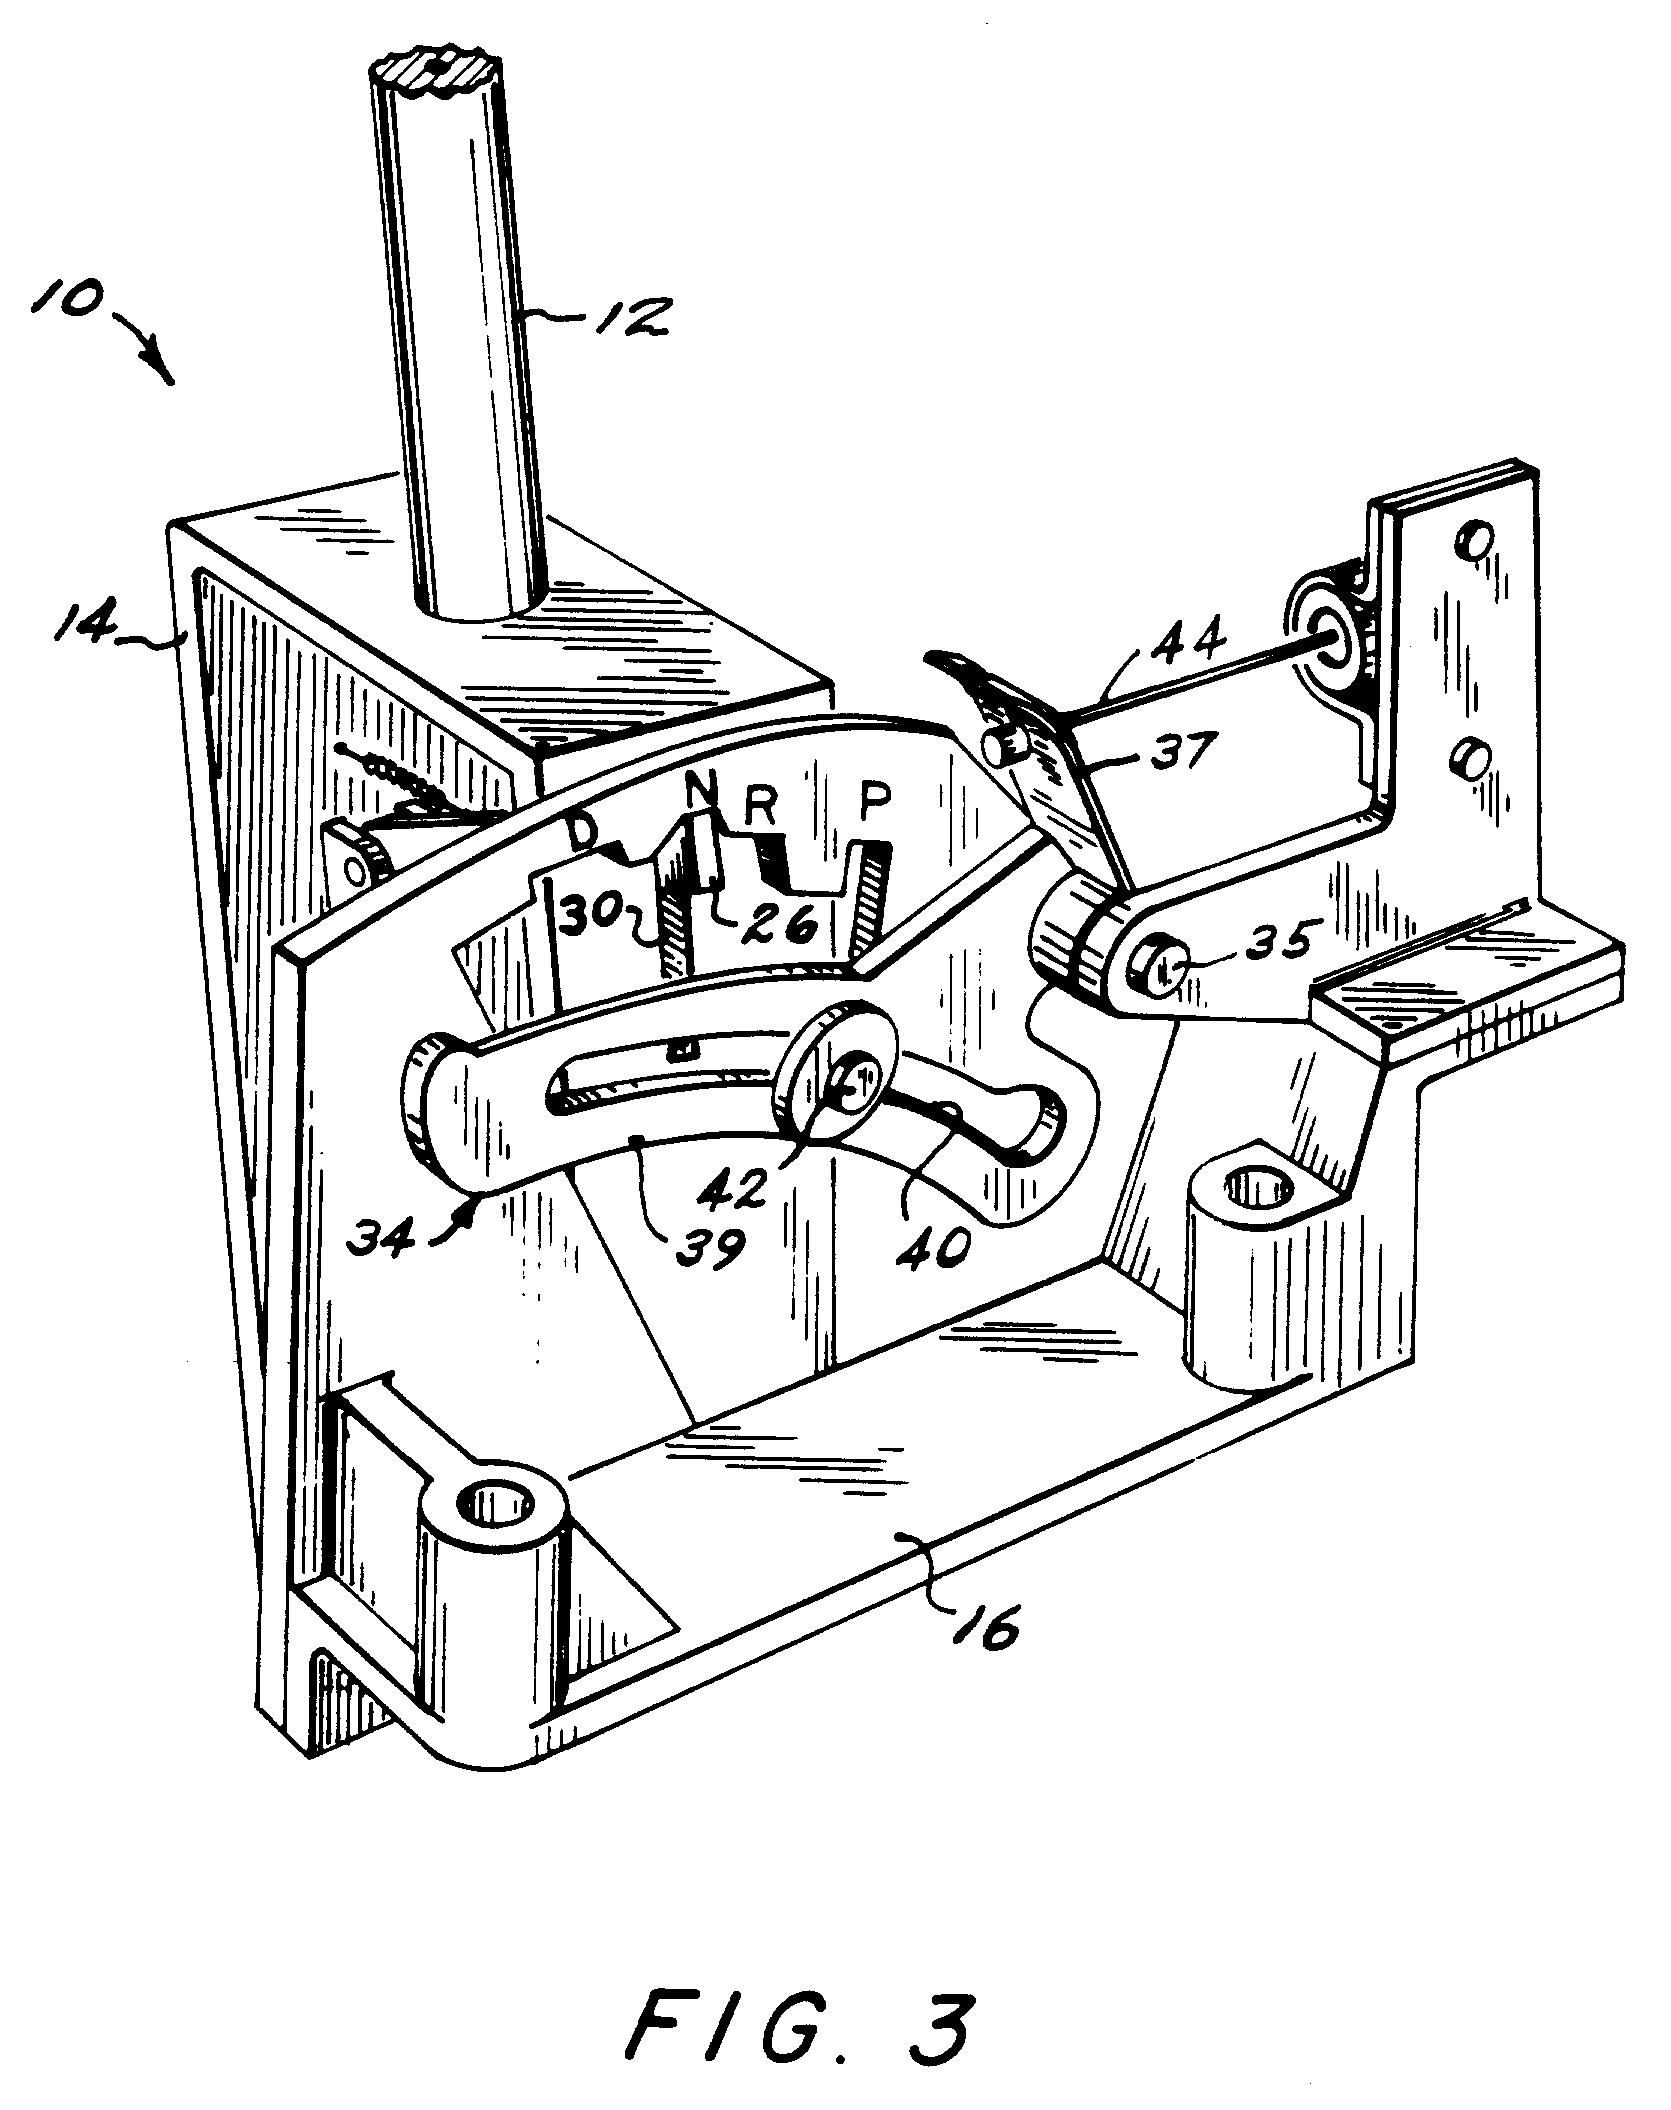 tags: #00 s10 tcc solinoid#4l60e transmission electrical diagram#4l60e  transmission solenoid kit#turbo 350 transmission shift solenoid#4l60e 3 2  shift